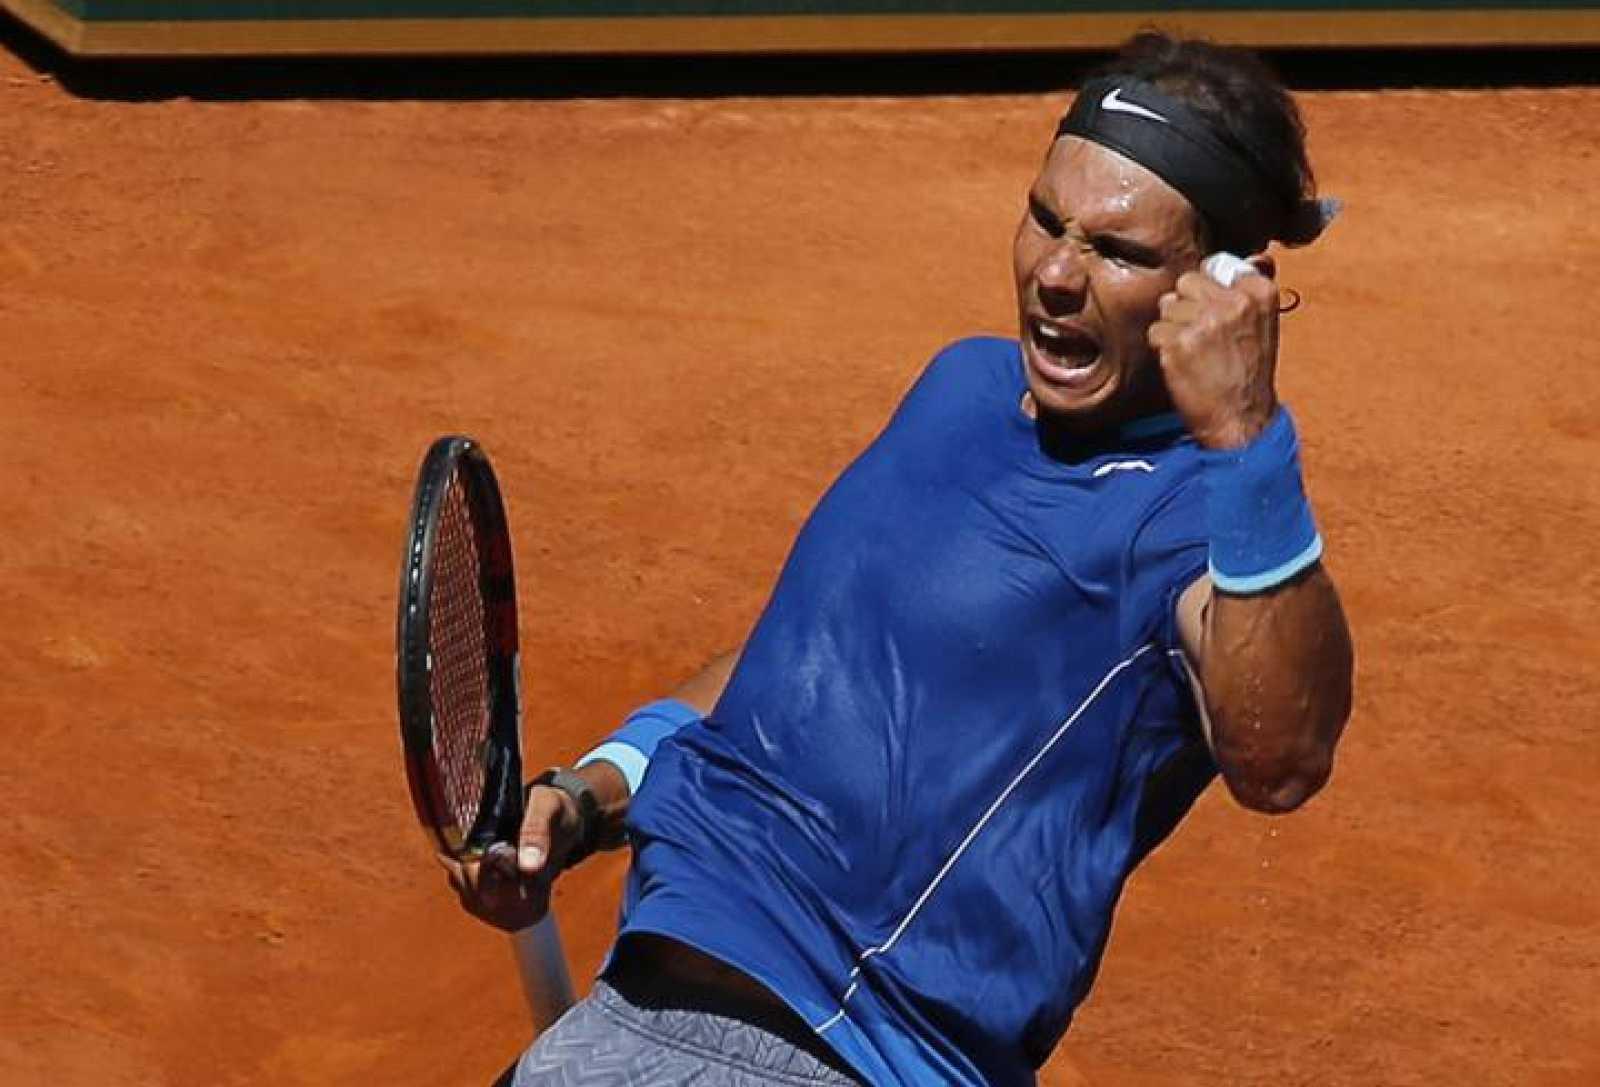 Rafa Nadal, en el Masters 1000 de Madrid